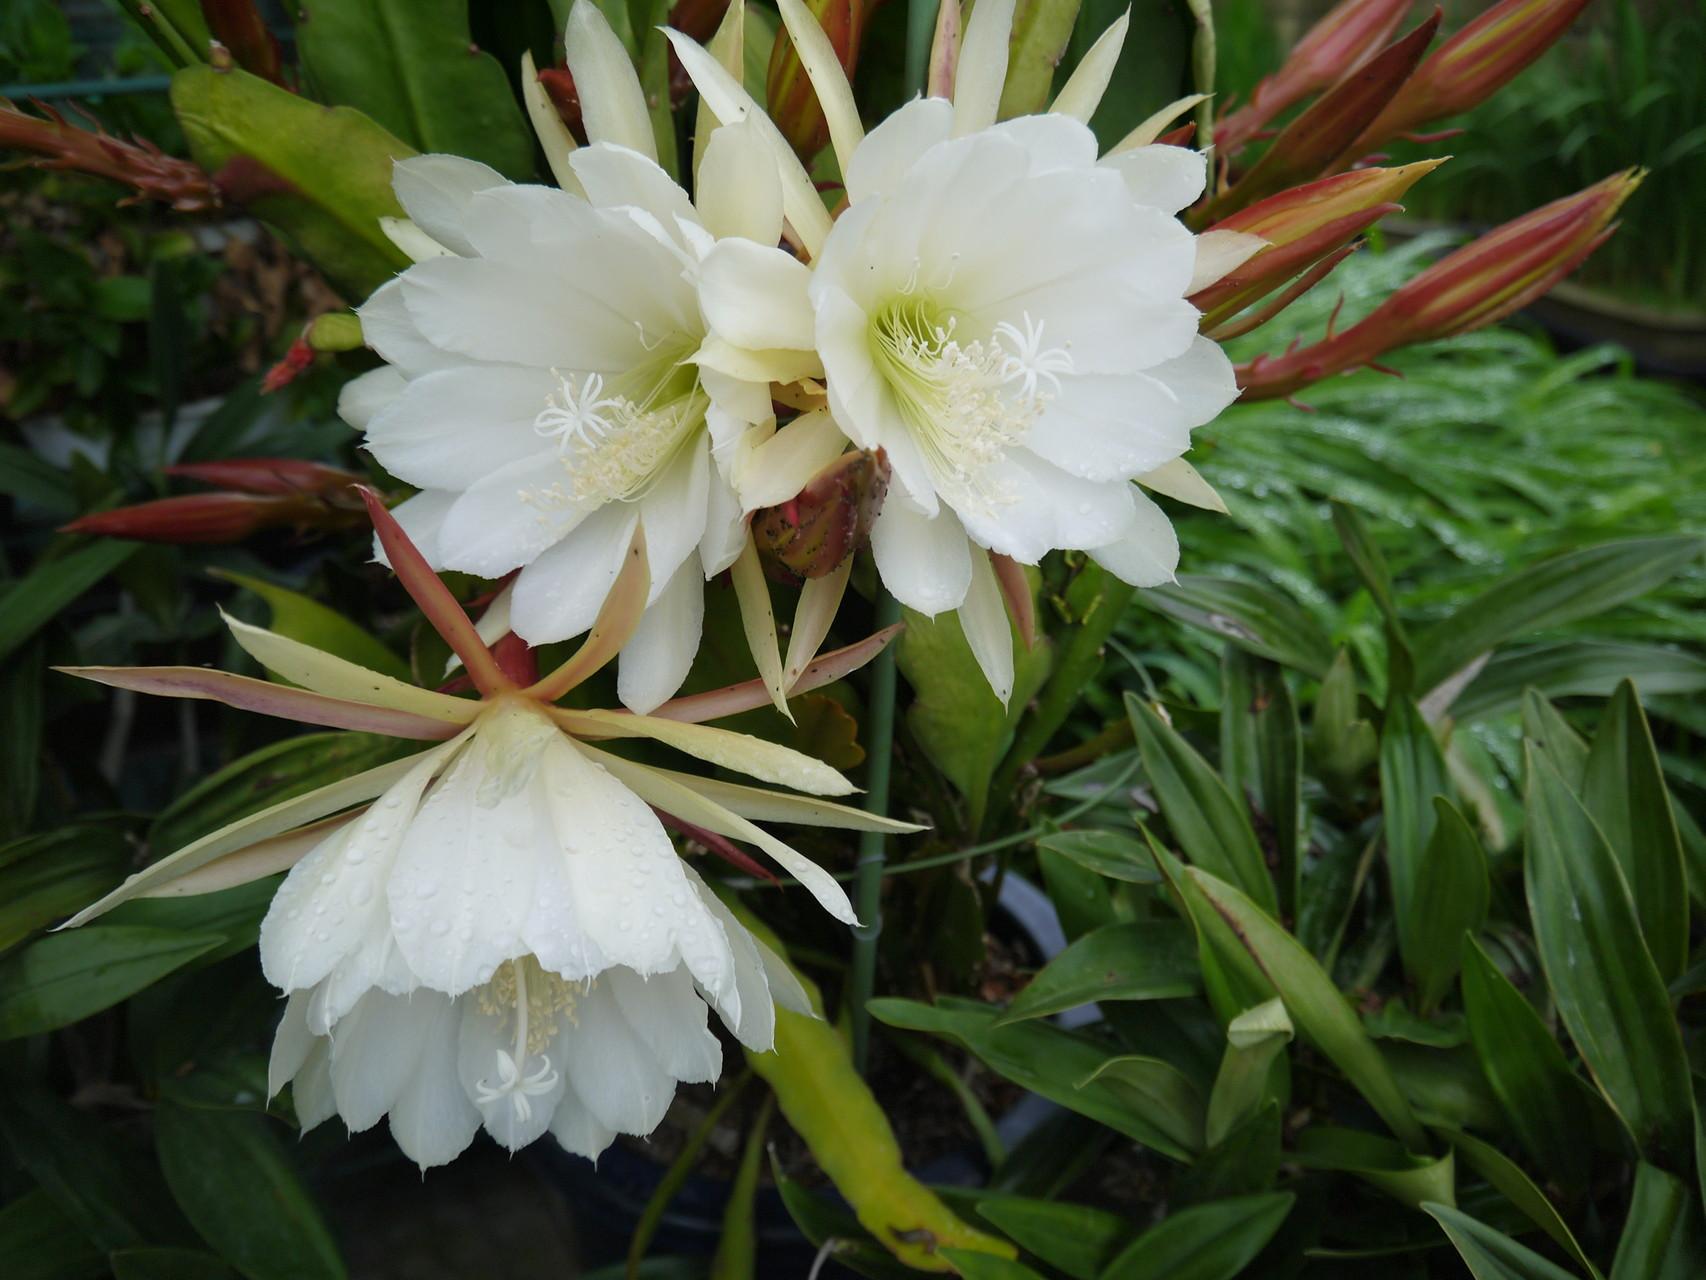 今年もクジャクサボテンの白が咲き始めました。